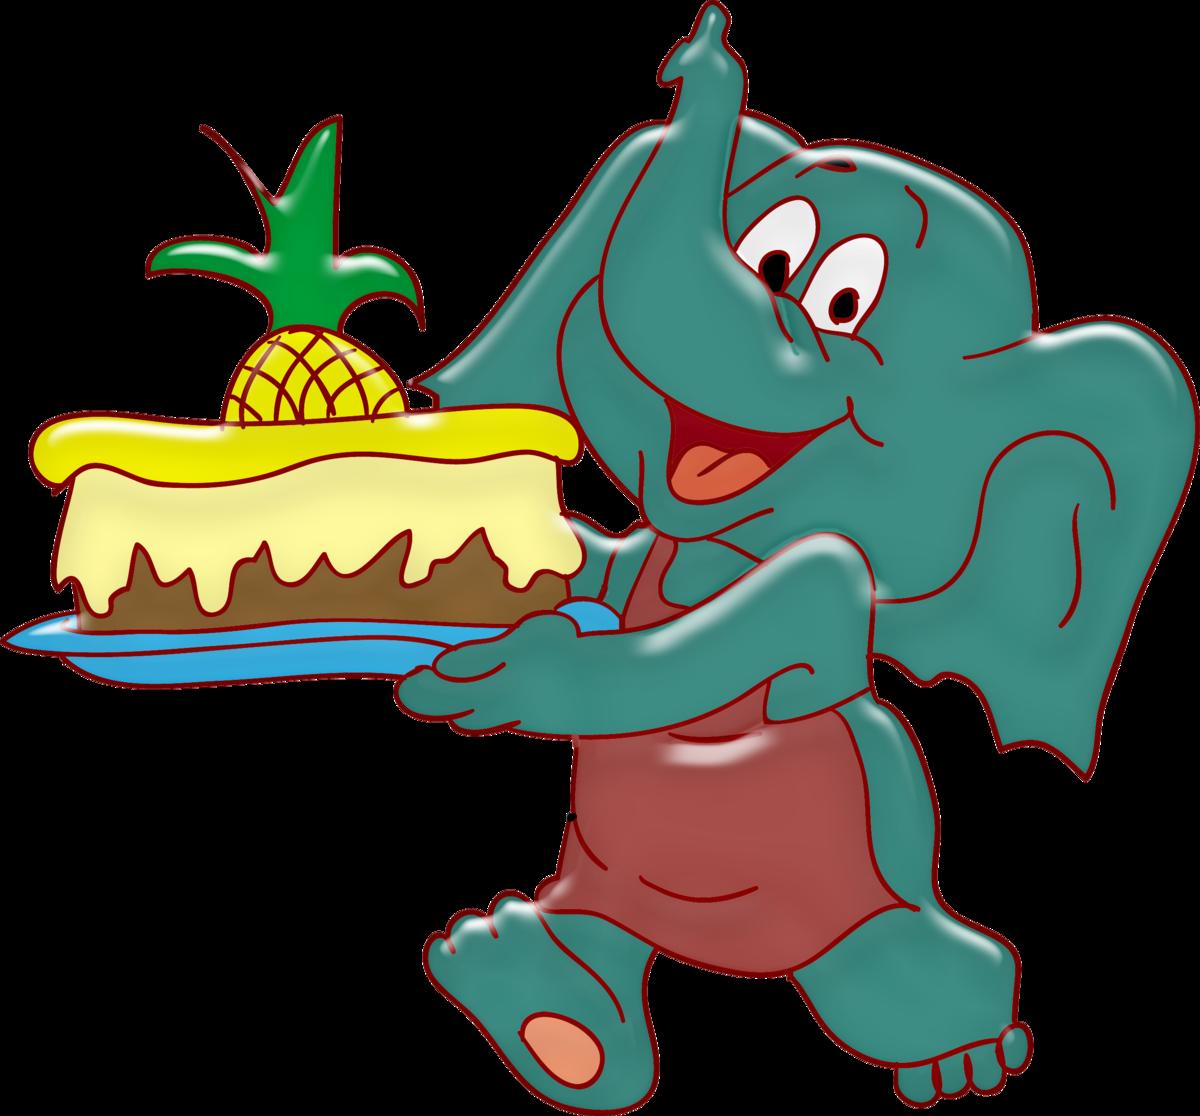 Картинки про, открытки с днем рождения из мультфильма